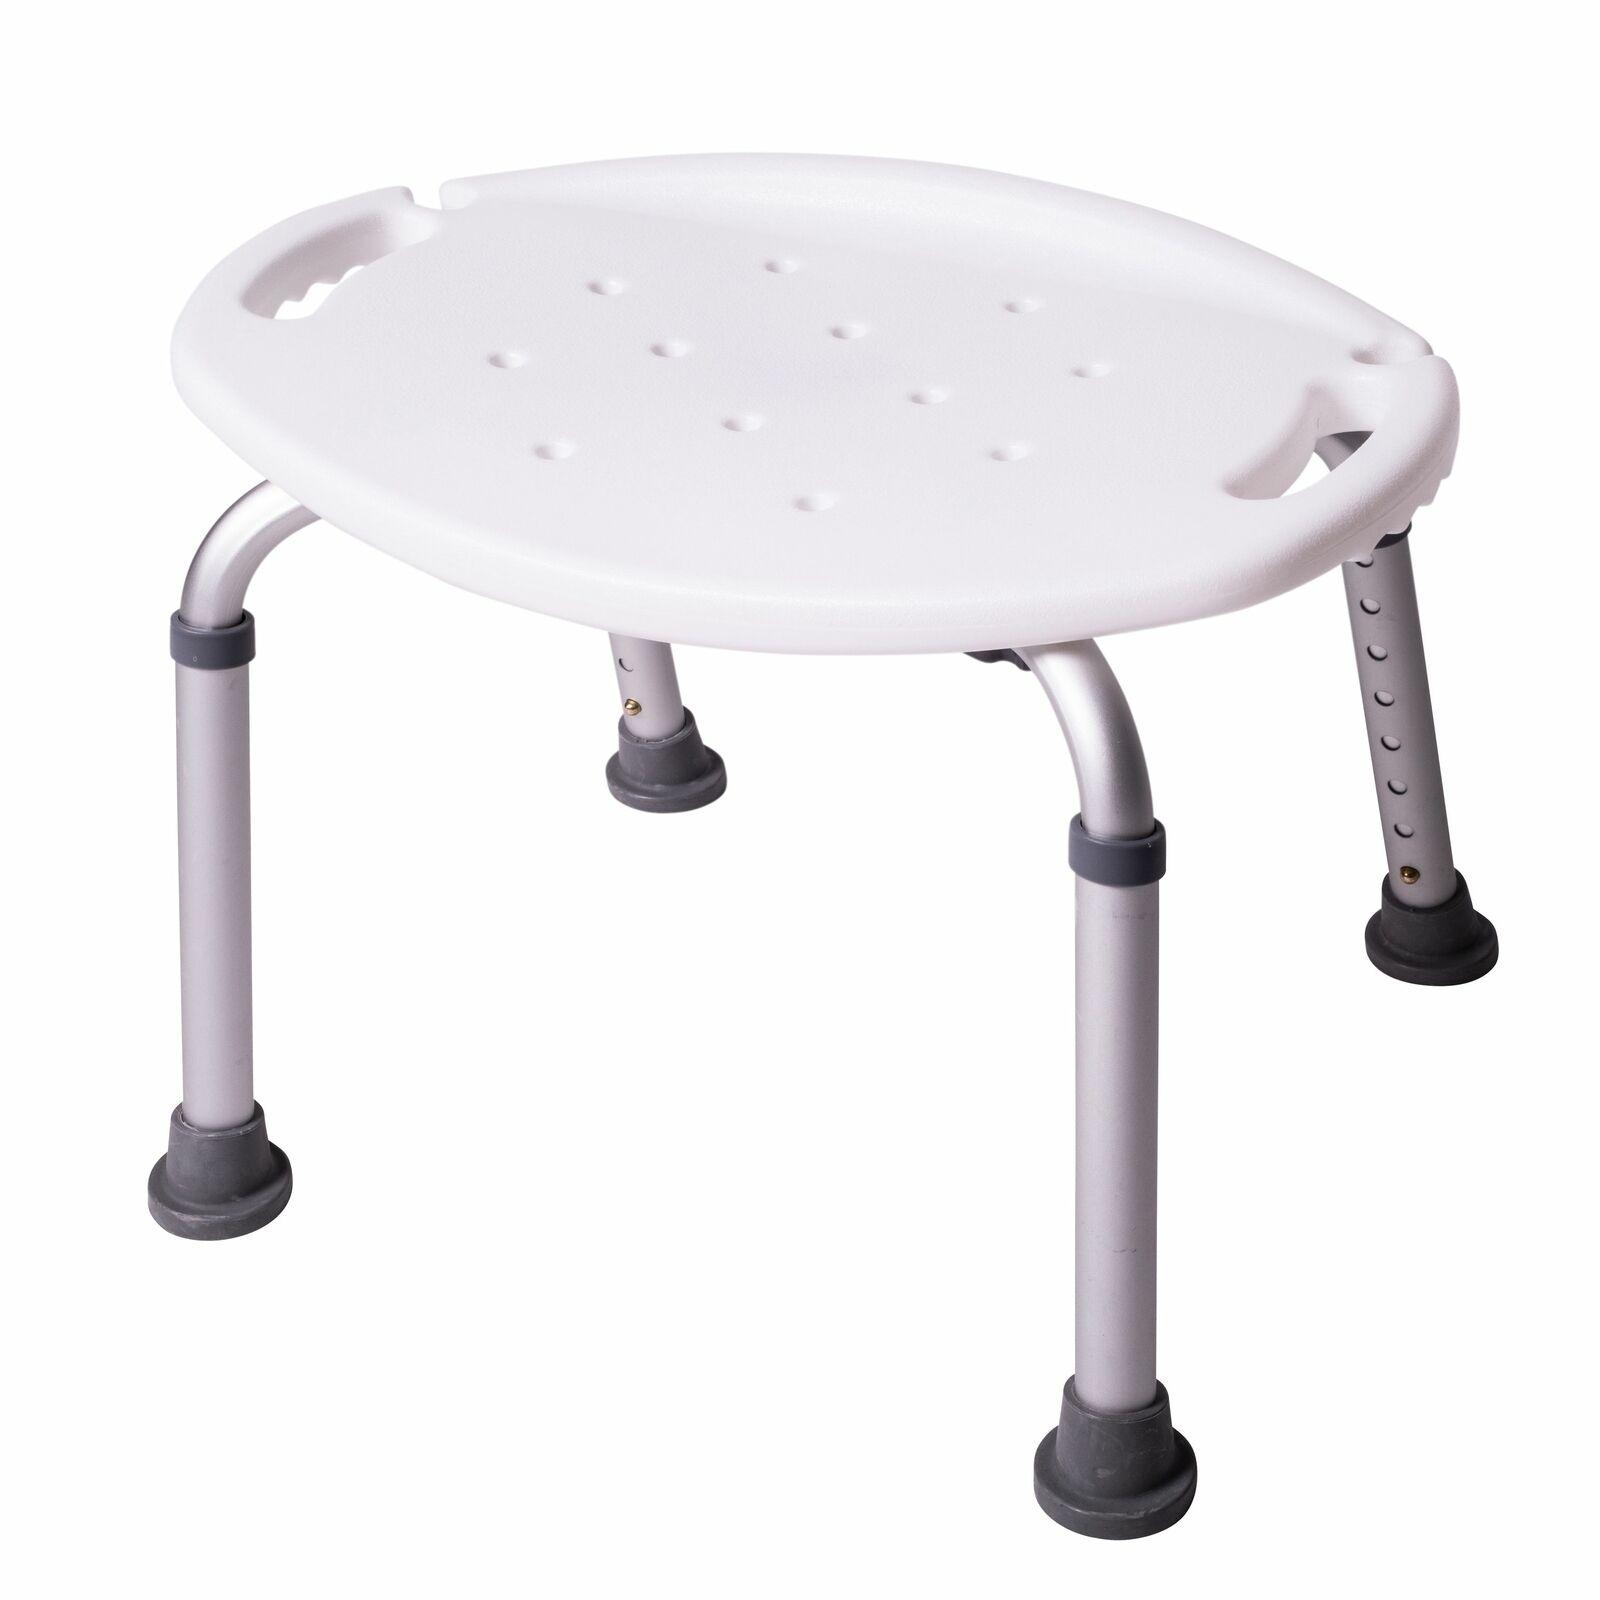 ONVAYA® Duschhocker oval weiß | 150kg | höhenverstellbar | Duschsitz | Badhocker